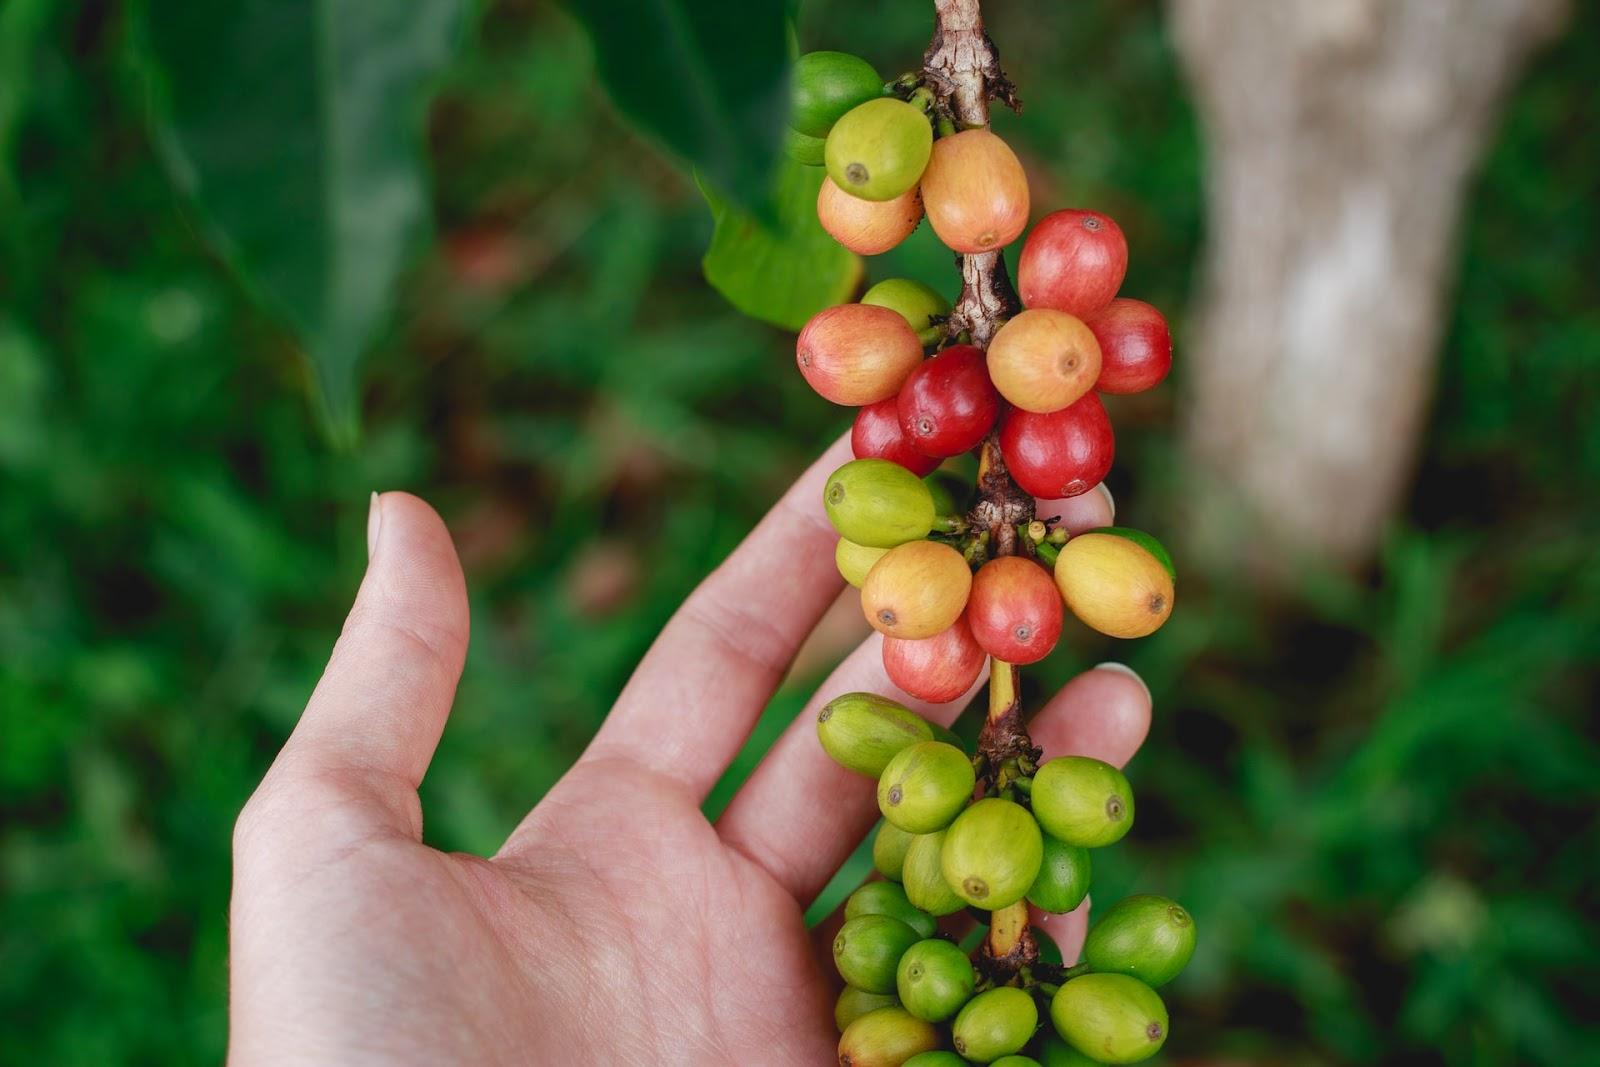 É necessário recolher o máximo possível de grãos, das plantas e do solo (Fonte: Unsplash)muda de café